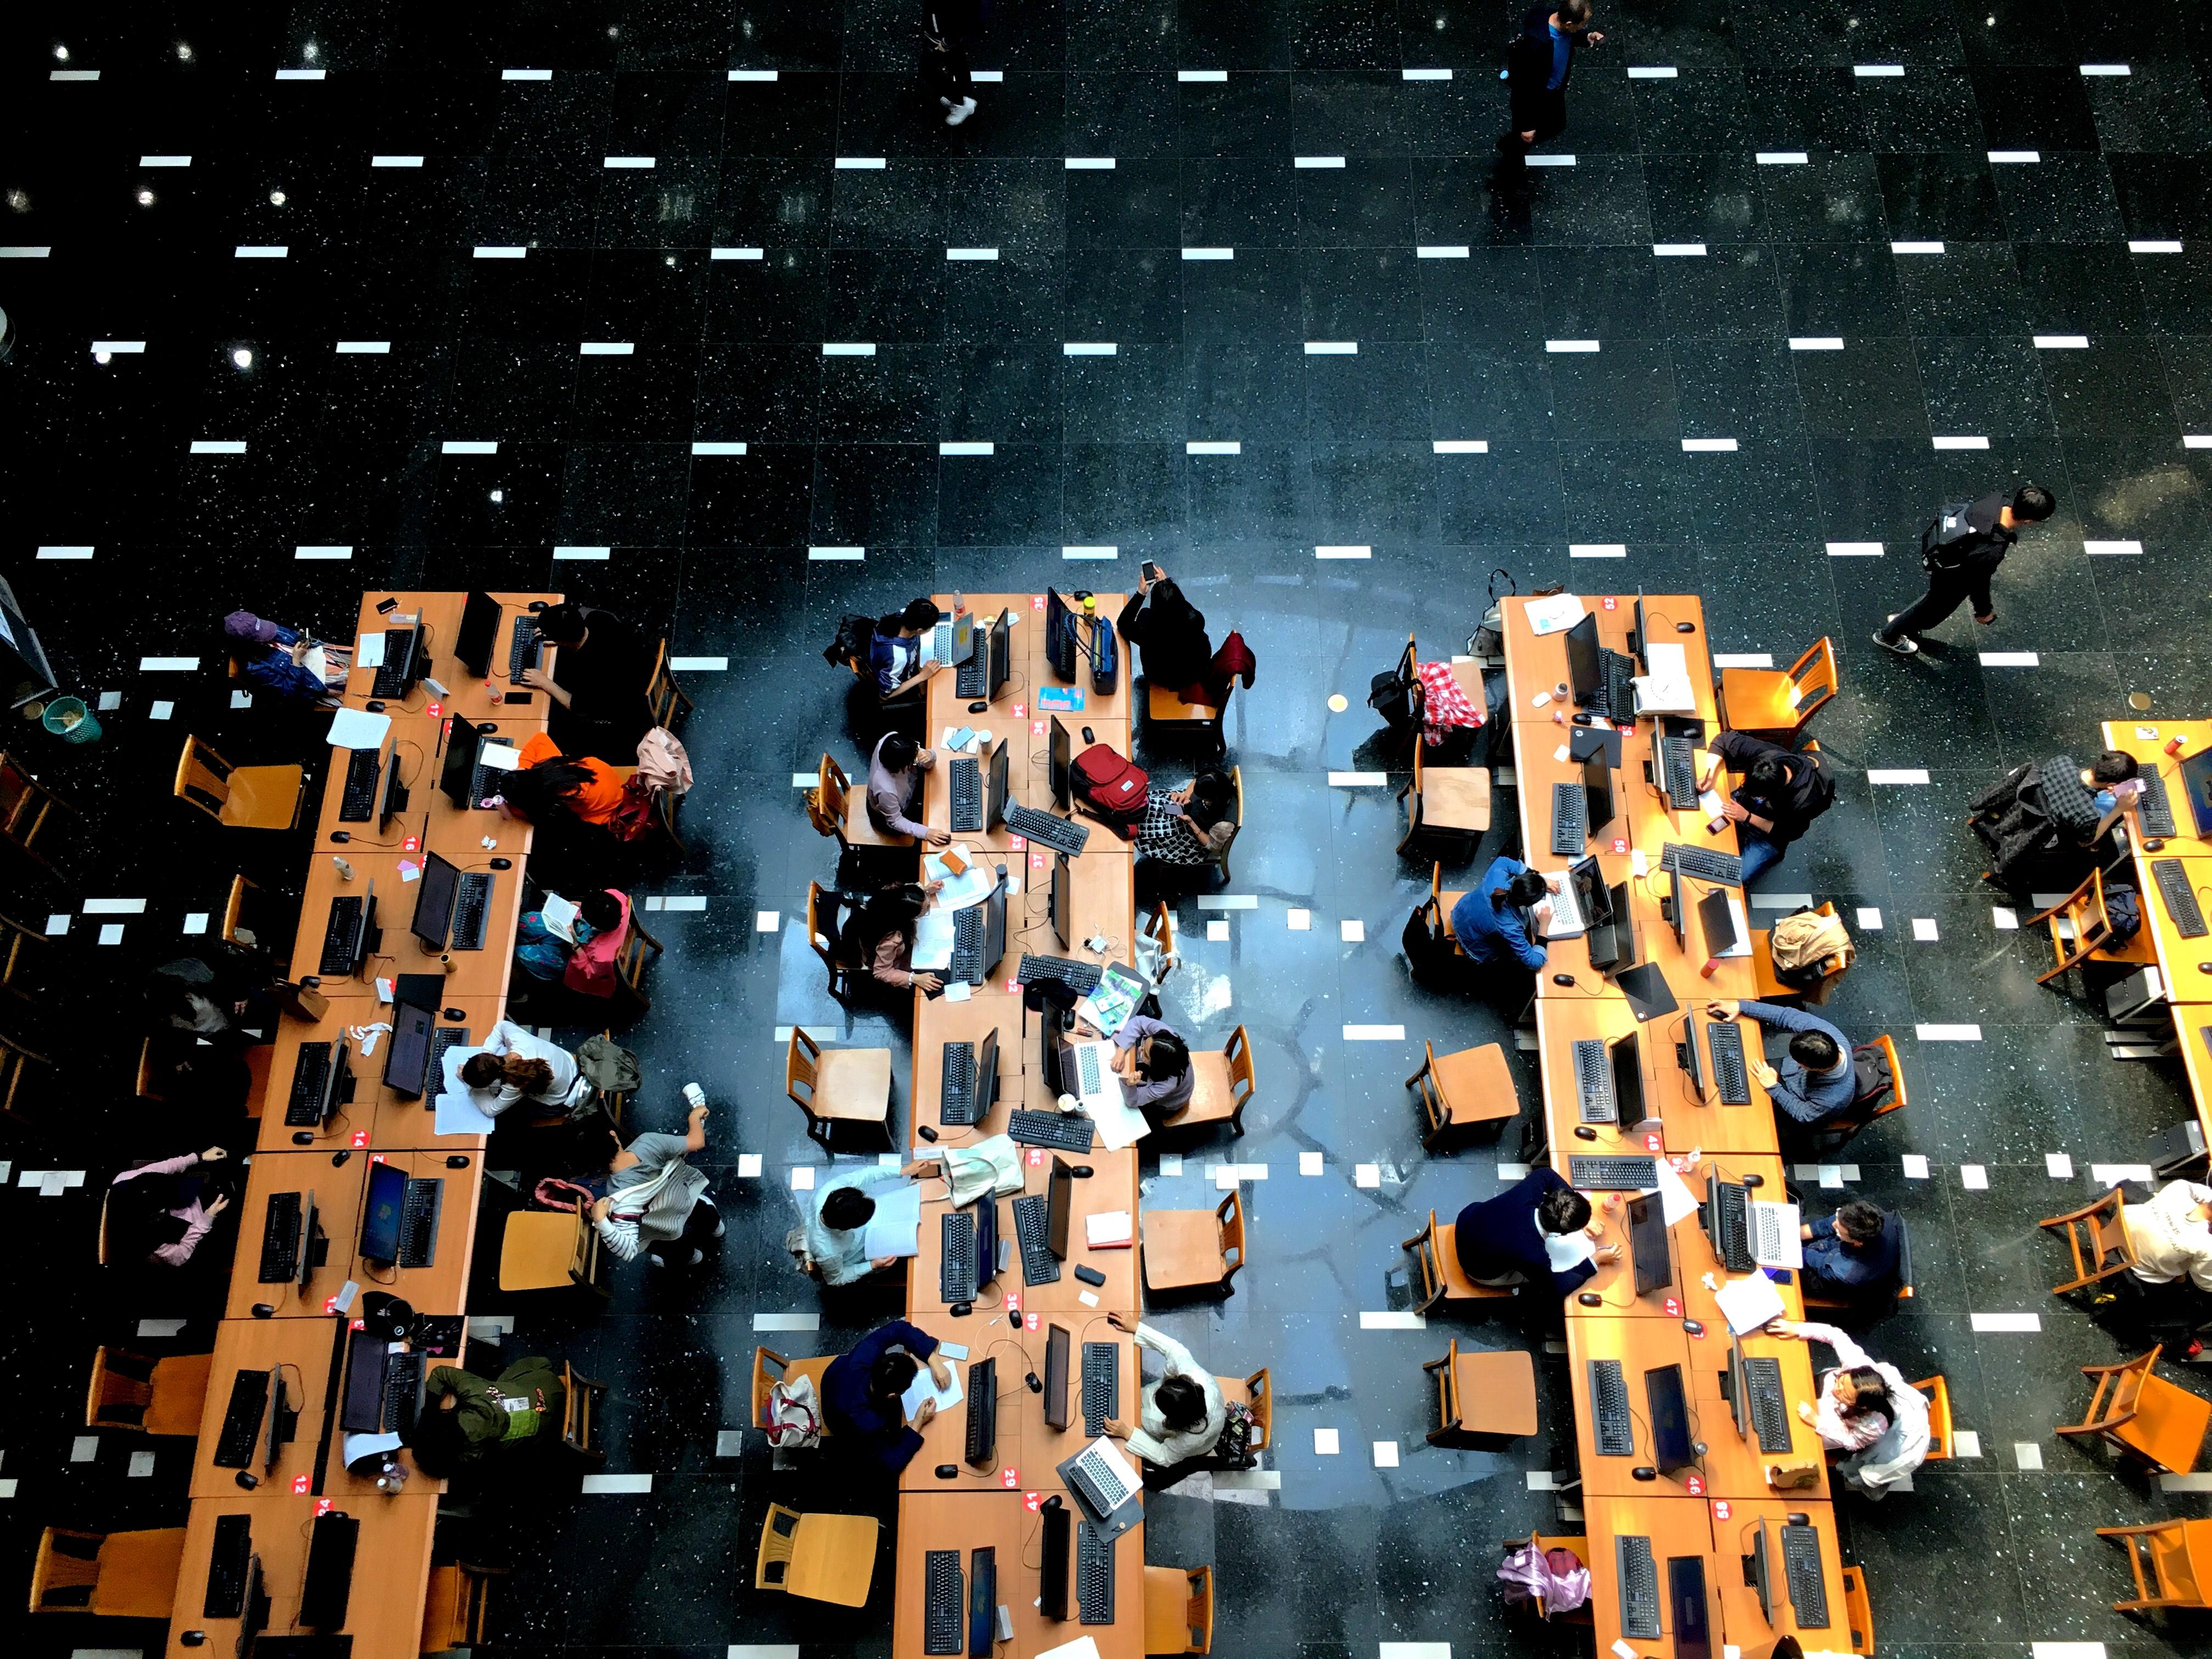 俯瞰北大图书馆 (1).jpeg